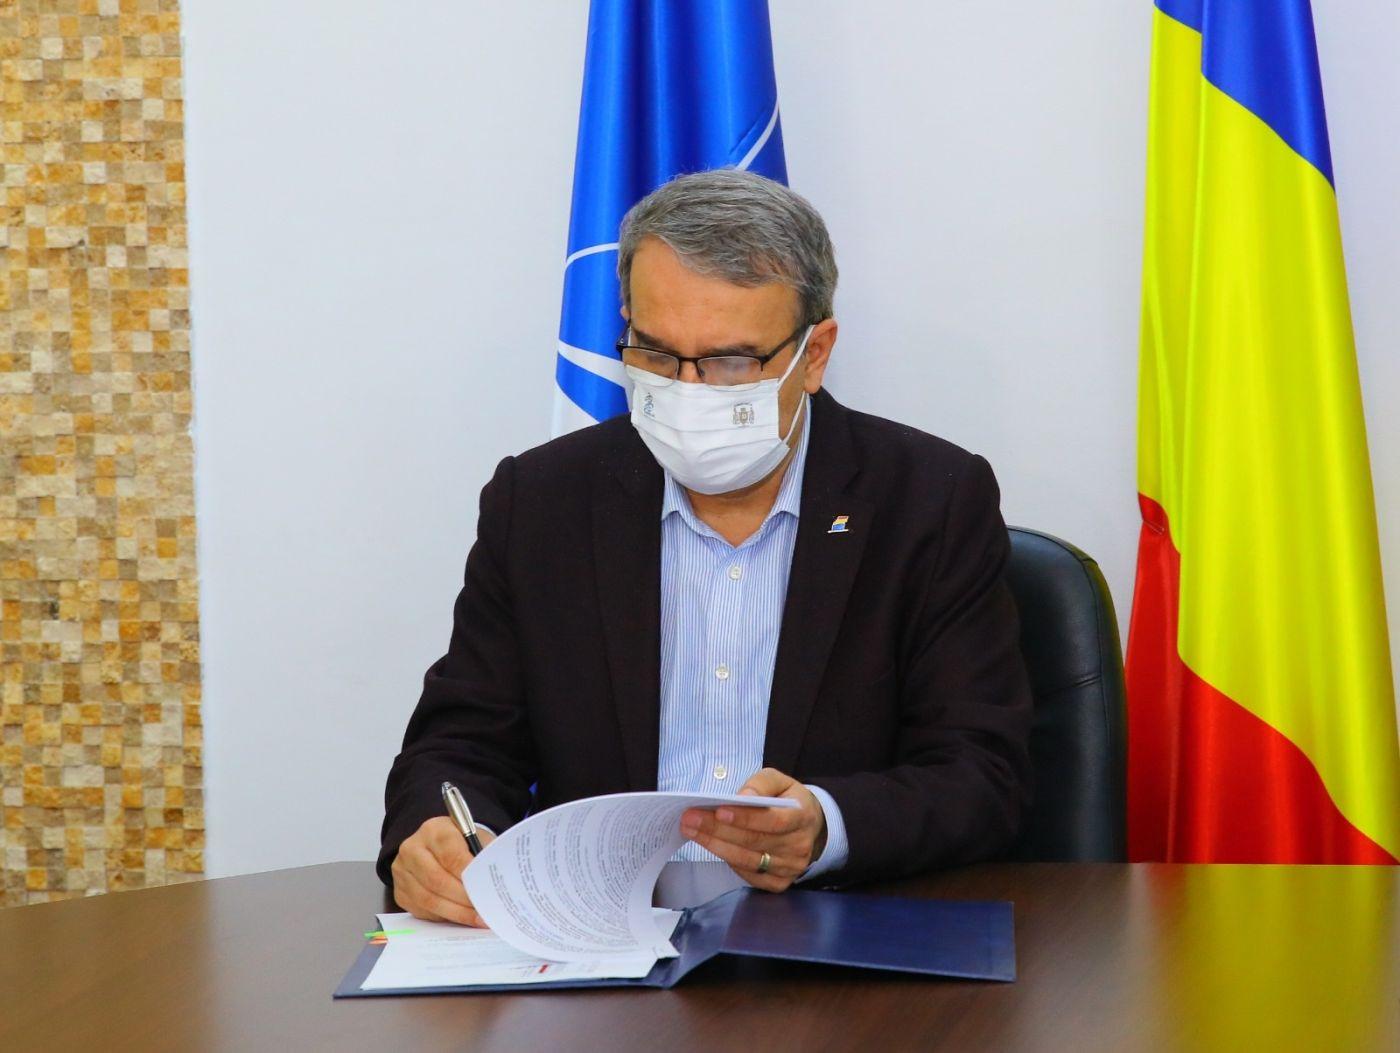 Primarul municipiului Constanța, Vergil Chițac, a semnat Declarația de la Paris, angajând astfel municipiul Constanța în procesul global de reducere a emisiilor de gaze cu efect de seră.